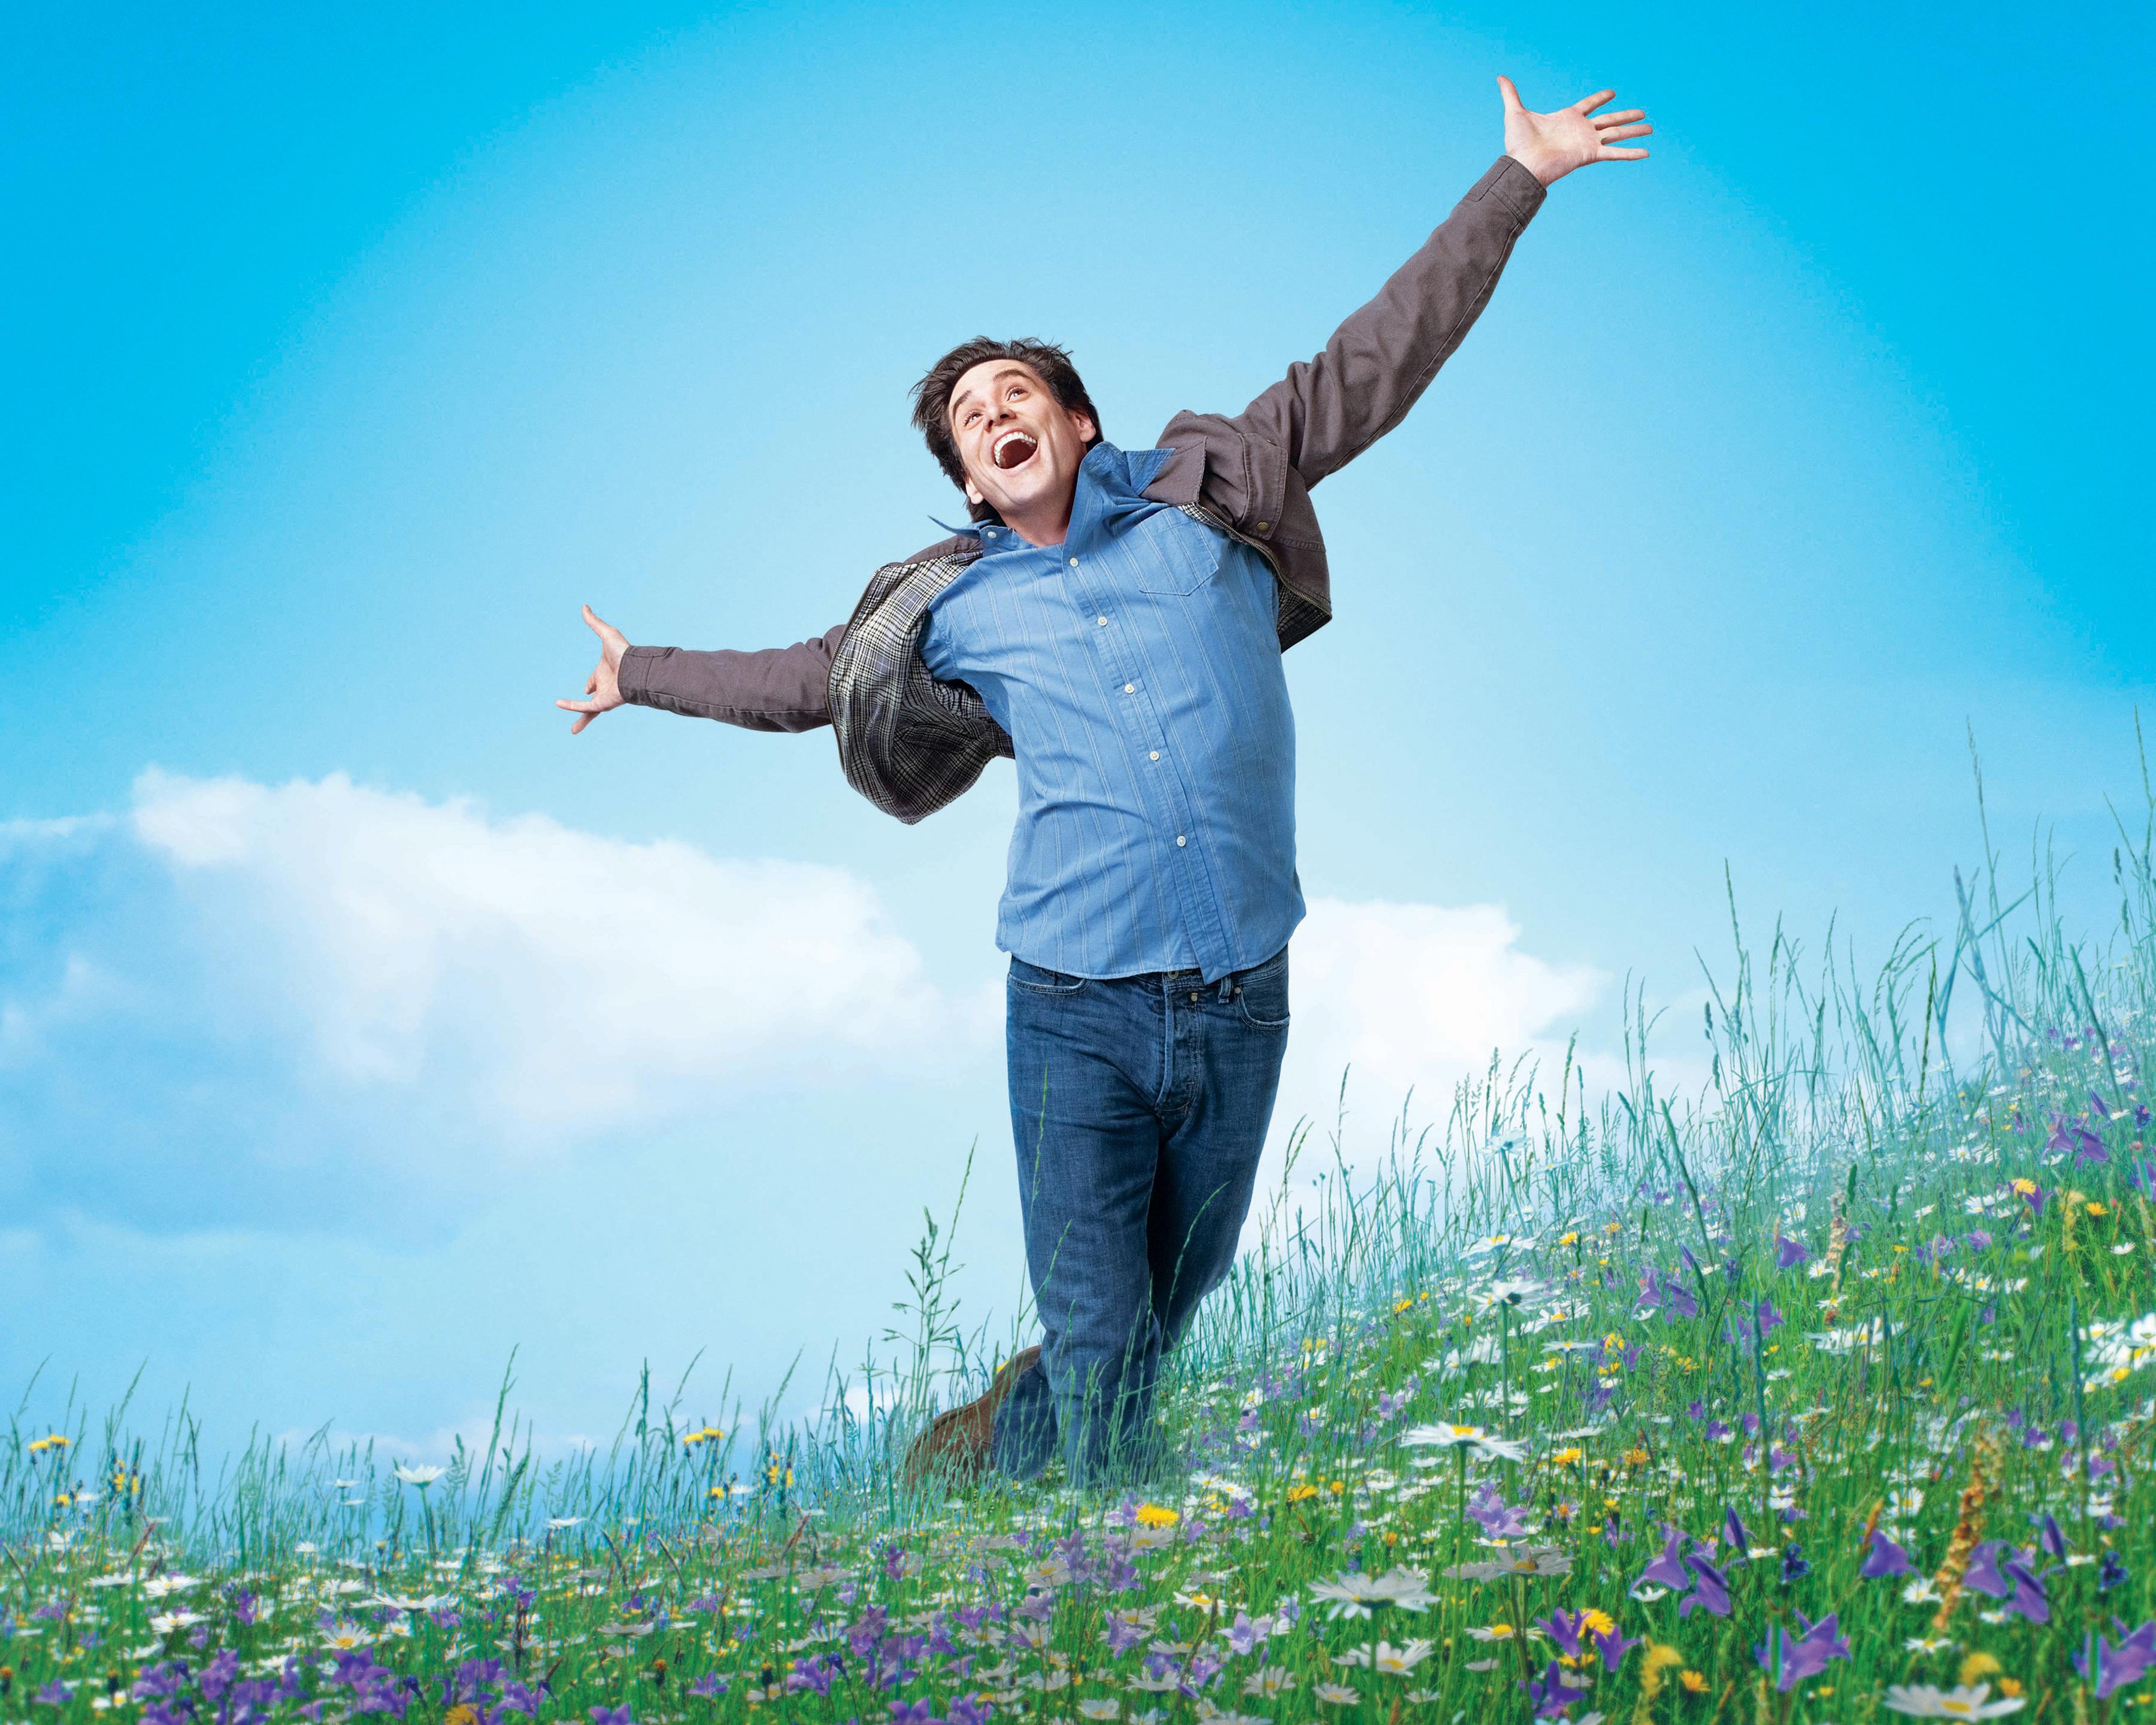 прикольные картинки счастливых людей смысл подумать